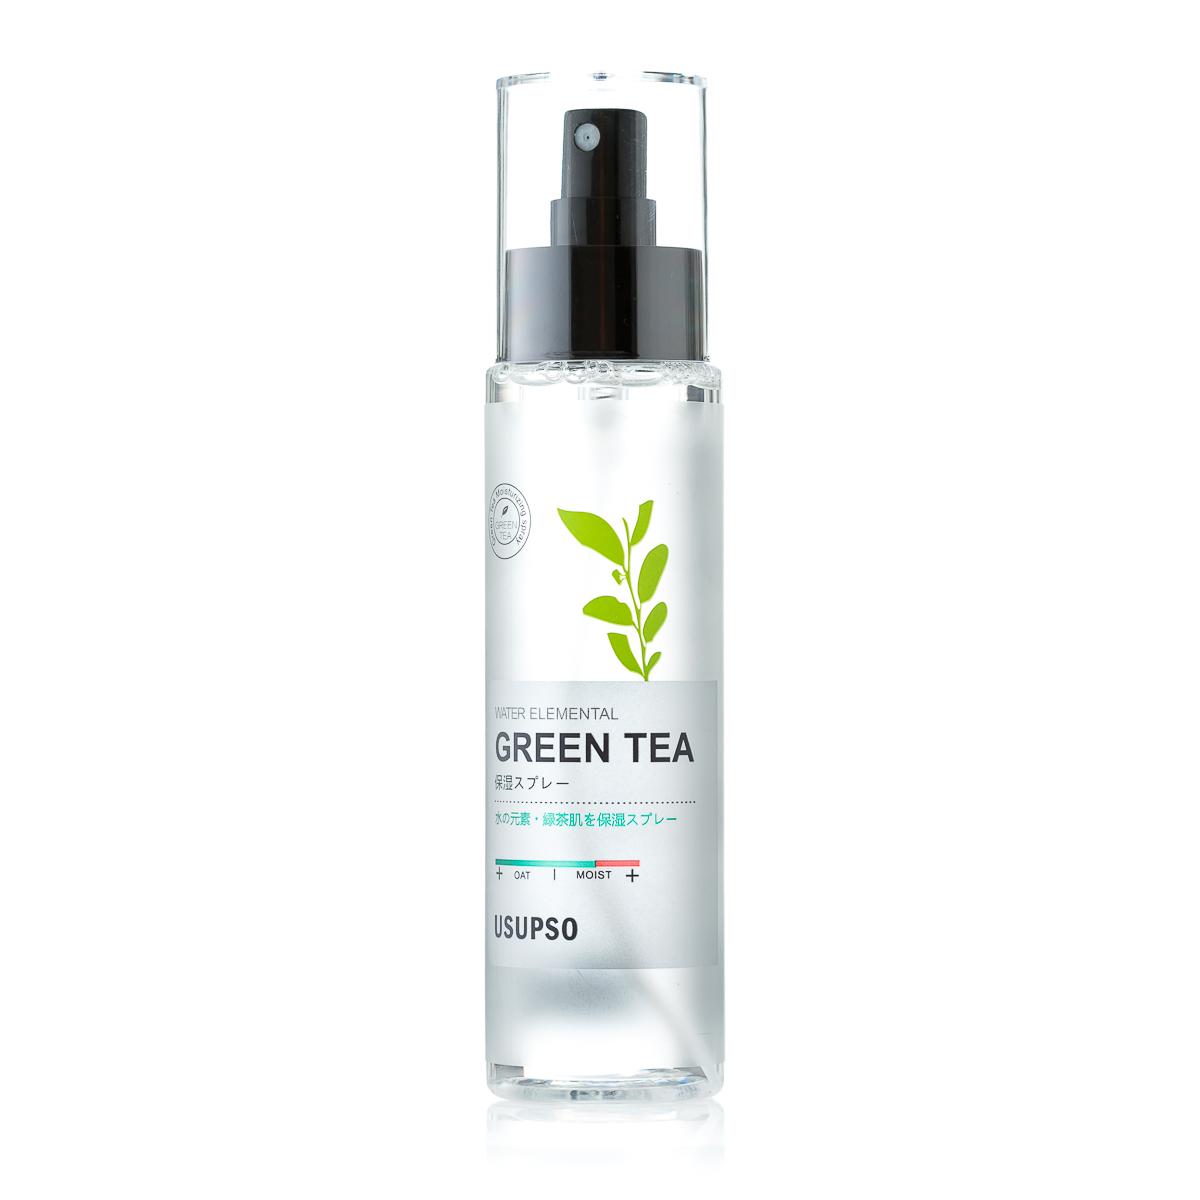 Средство по уходу за кожей лица, спрей, увлажняющий с экстрактом зеленого чая, нормализует жирность